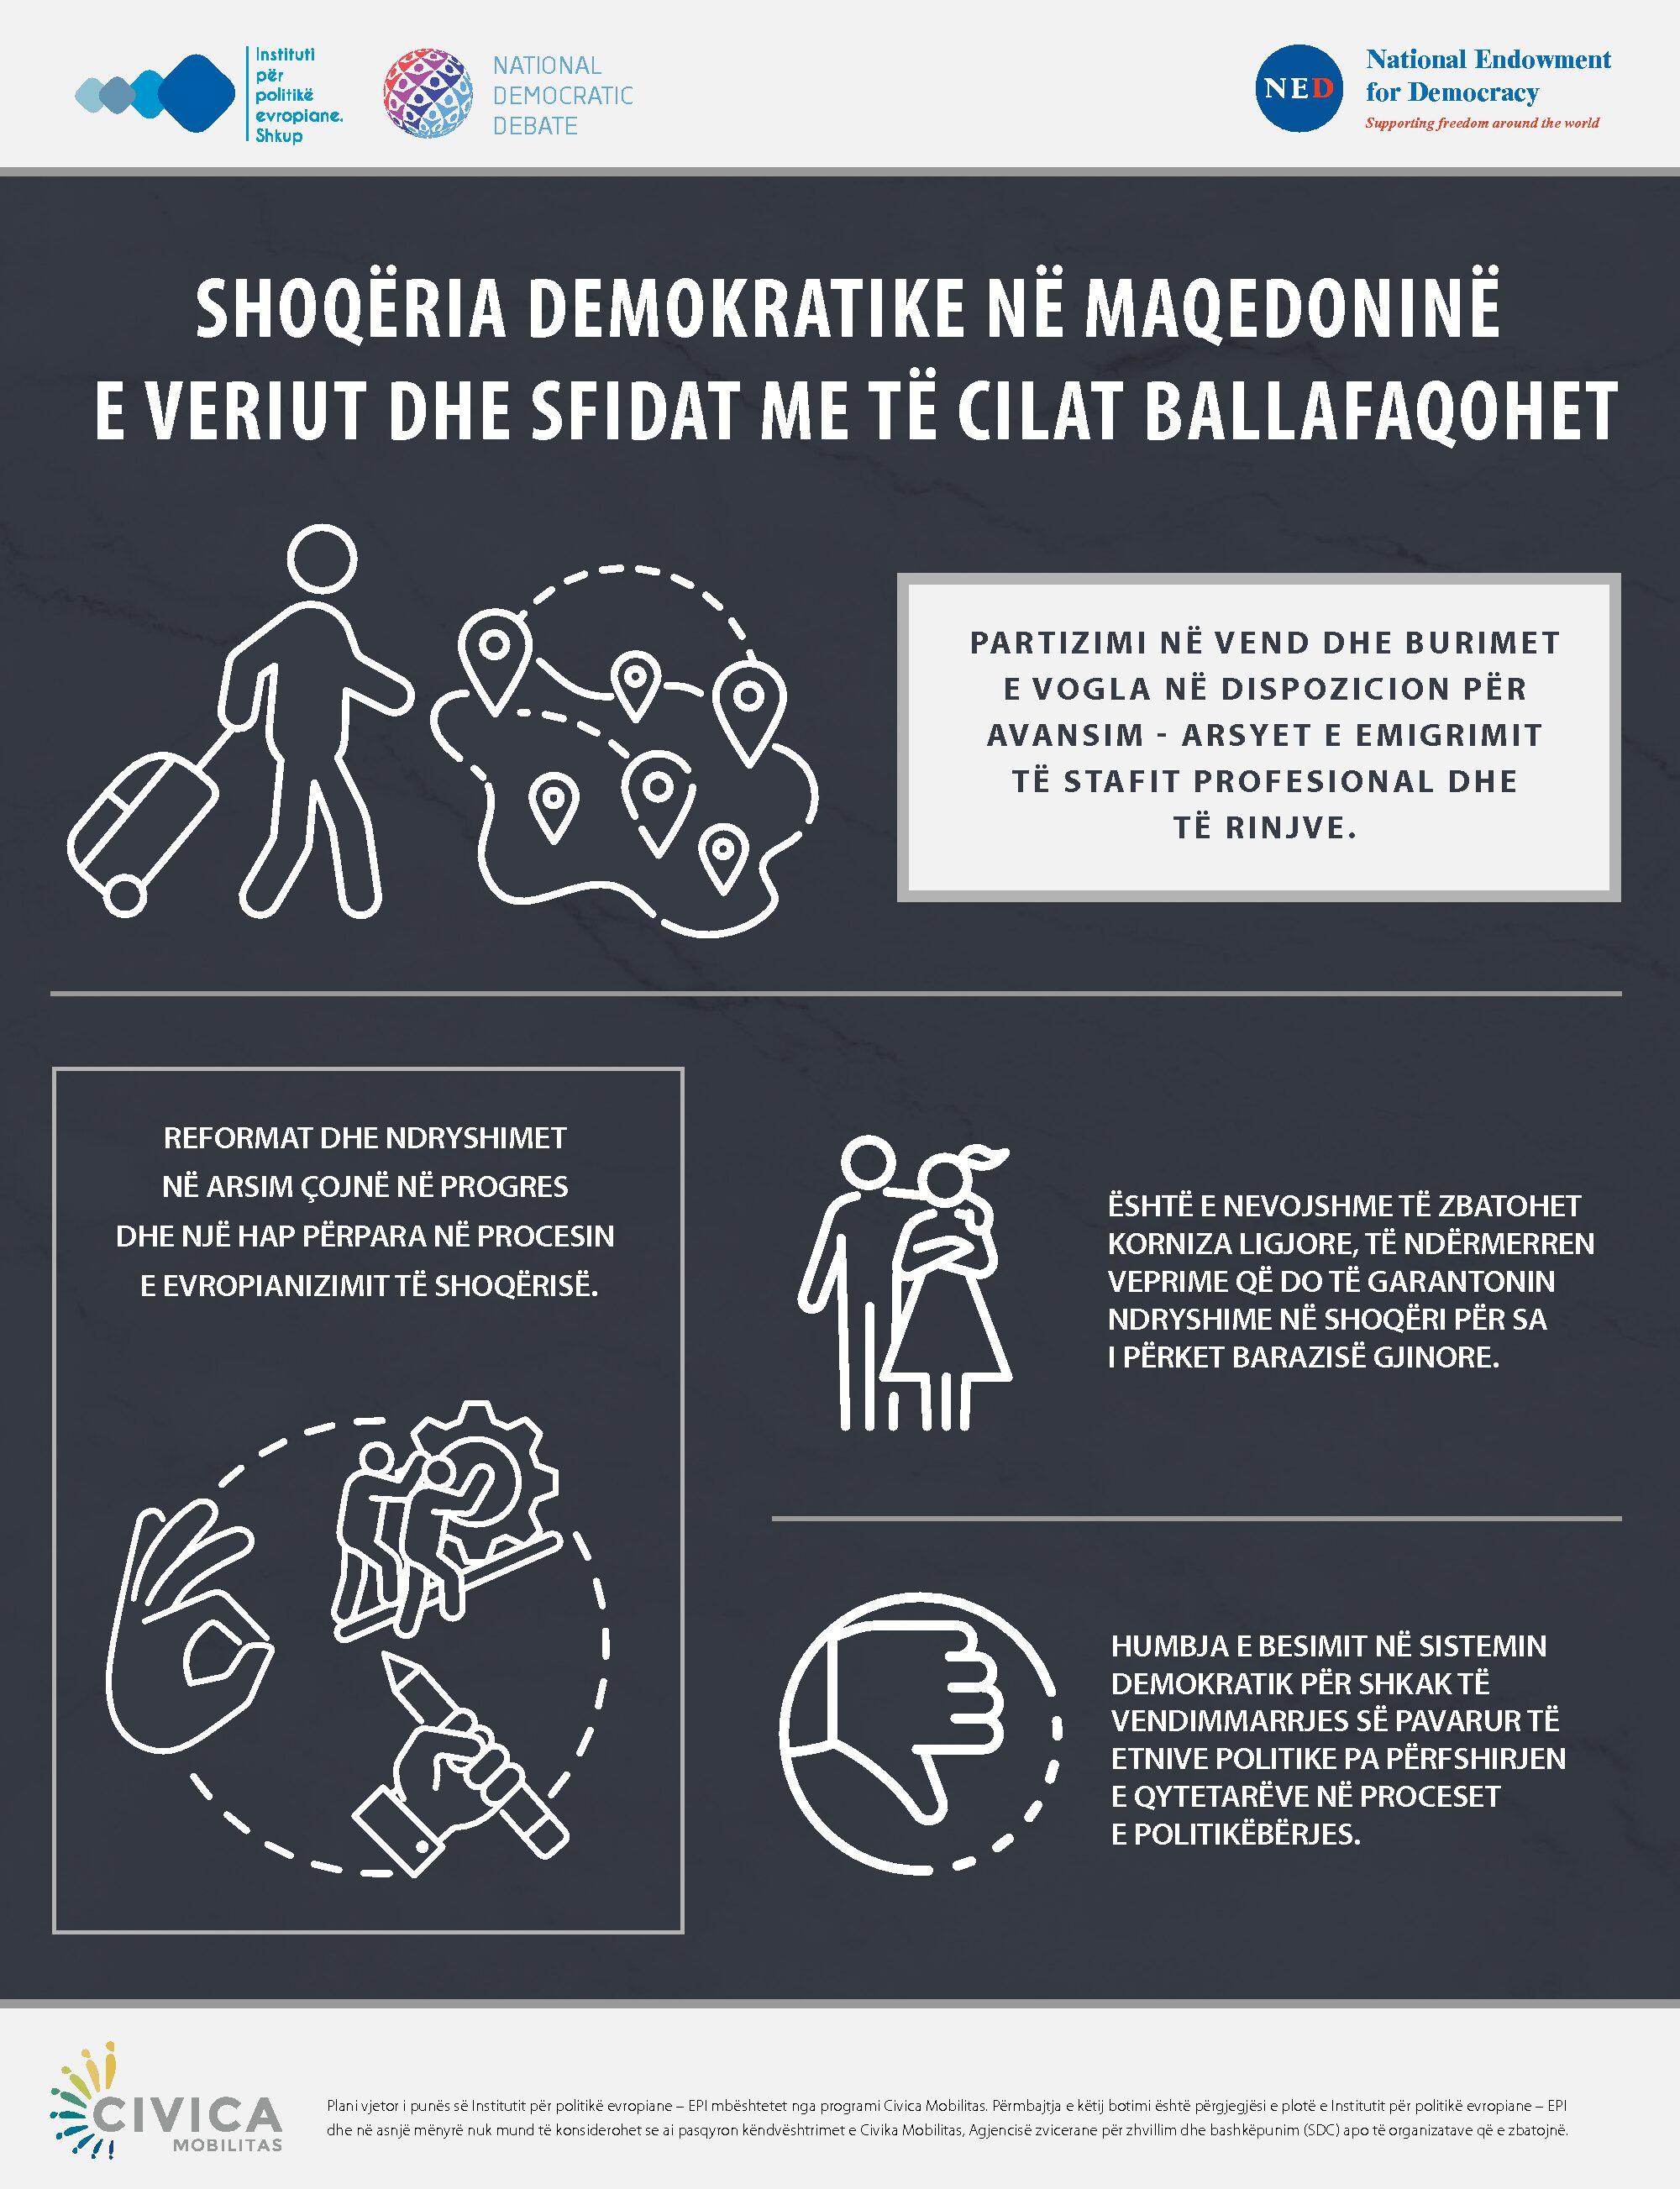 [Infografik] Shoqëria demokratike në Maqedoninë e Veriut dhe sfidat me të cilat ballafaqohet